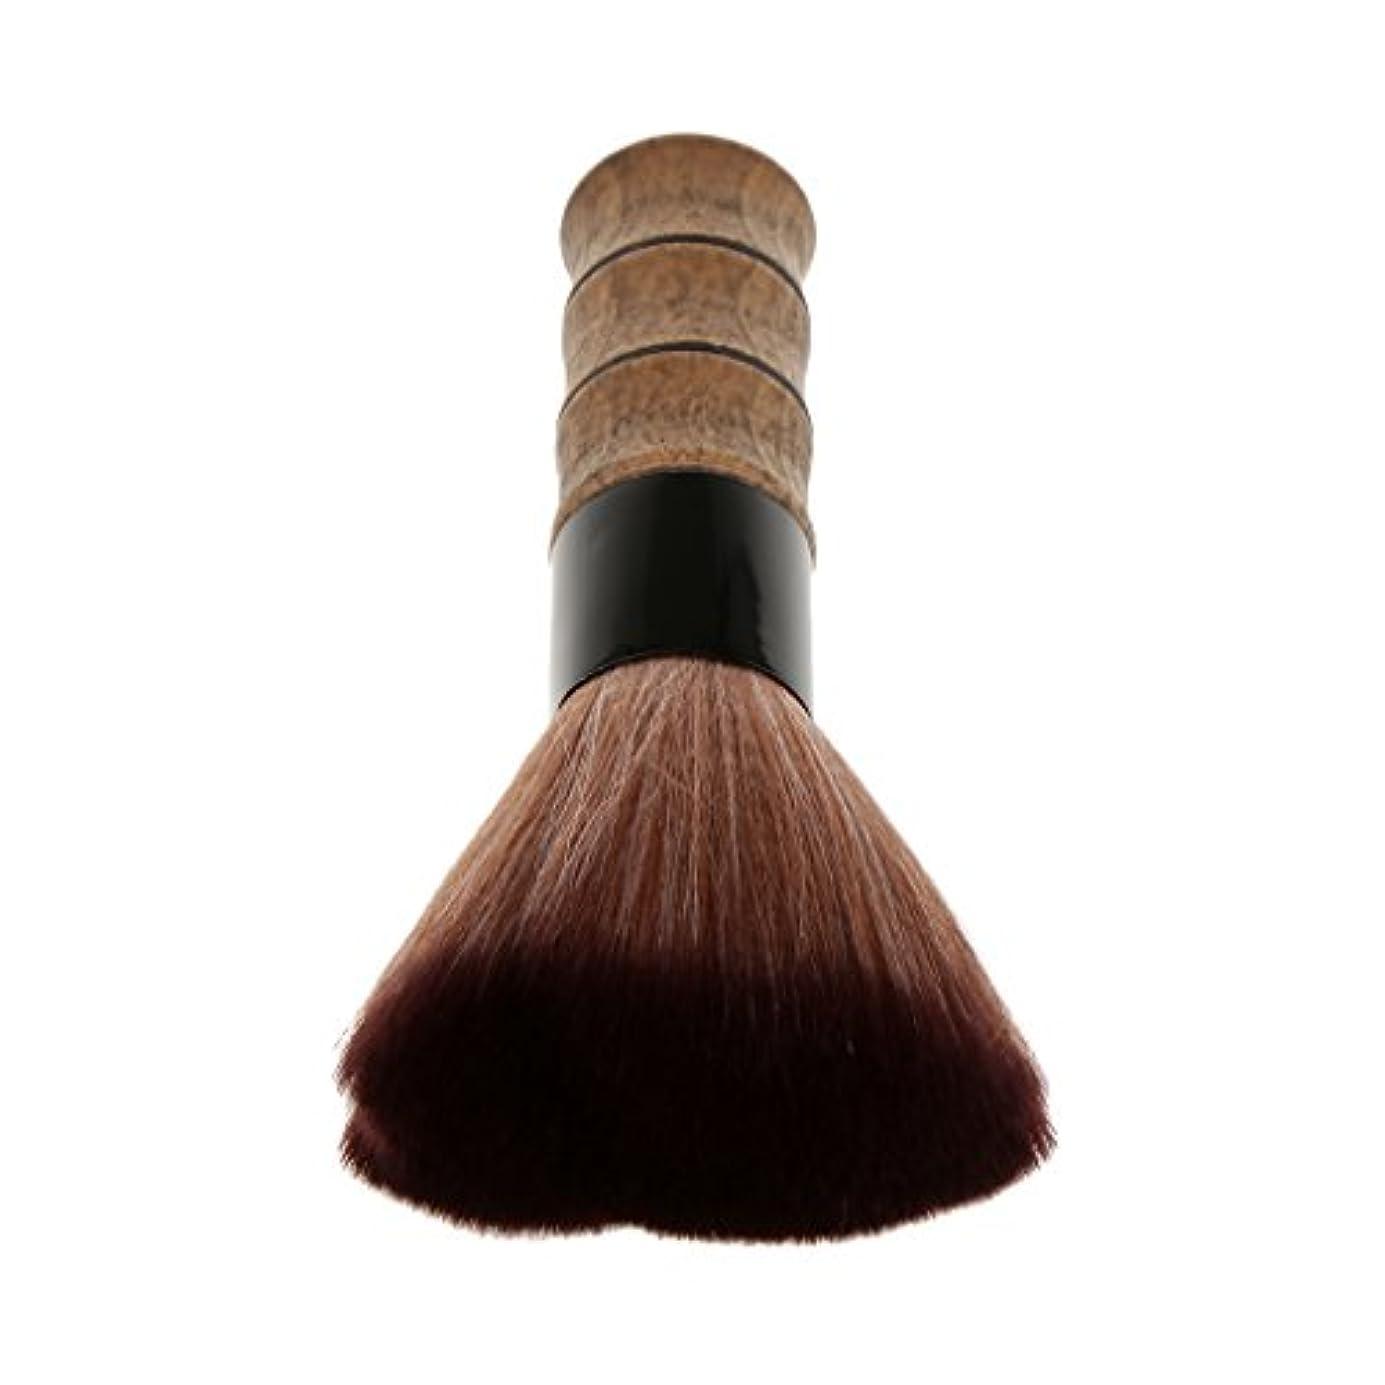 ジェームズダイソン先駆者北西Homyl メイクブラシ シェービングブラシ 超柔らかい 繊維 木製ハンドル 泡立ち 快適 洗顔 プレゼント 2色選べる  - 褐色